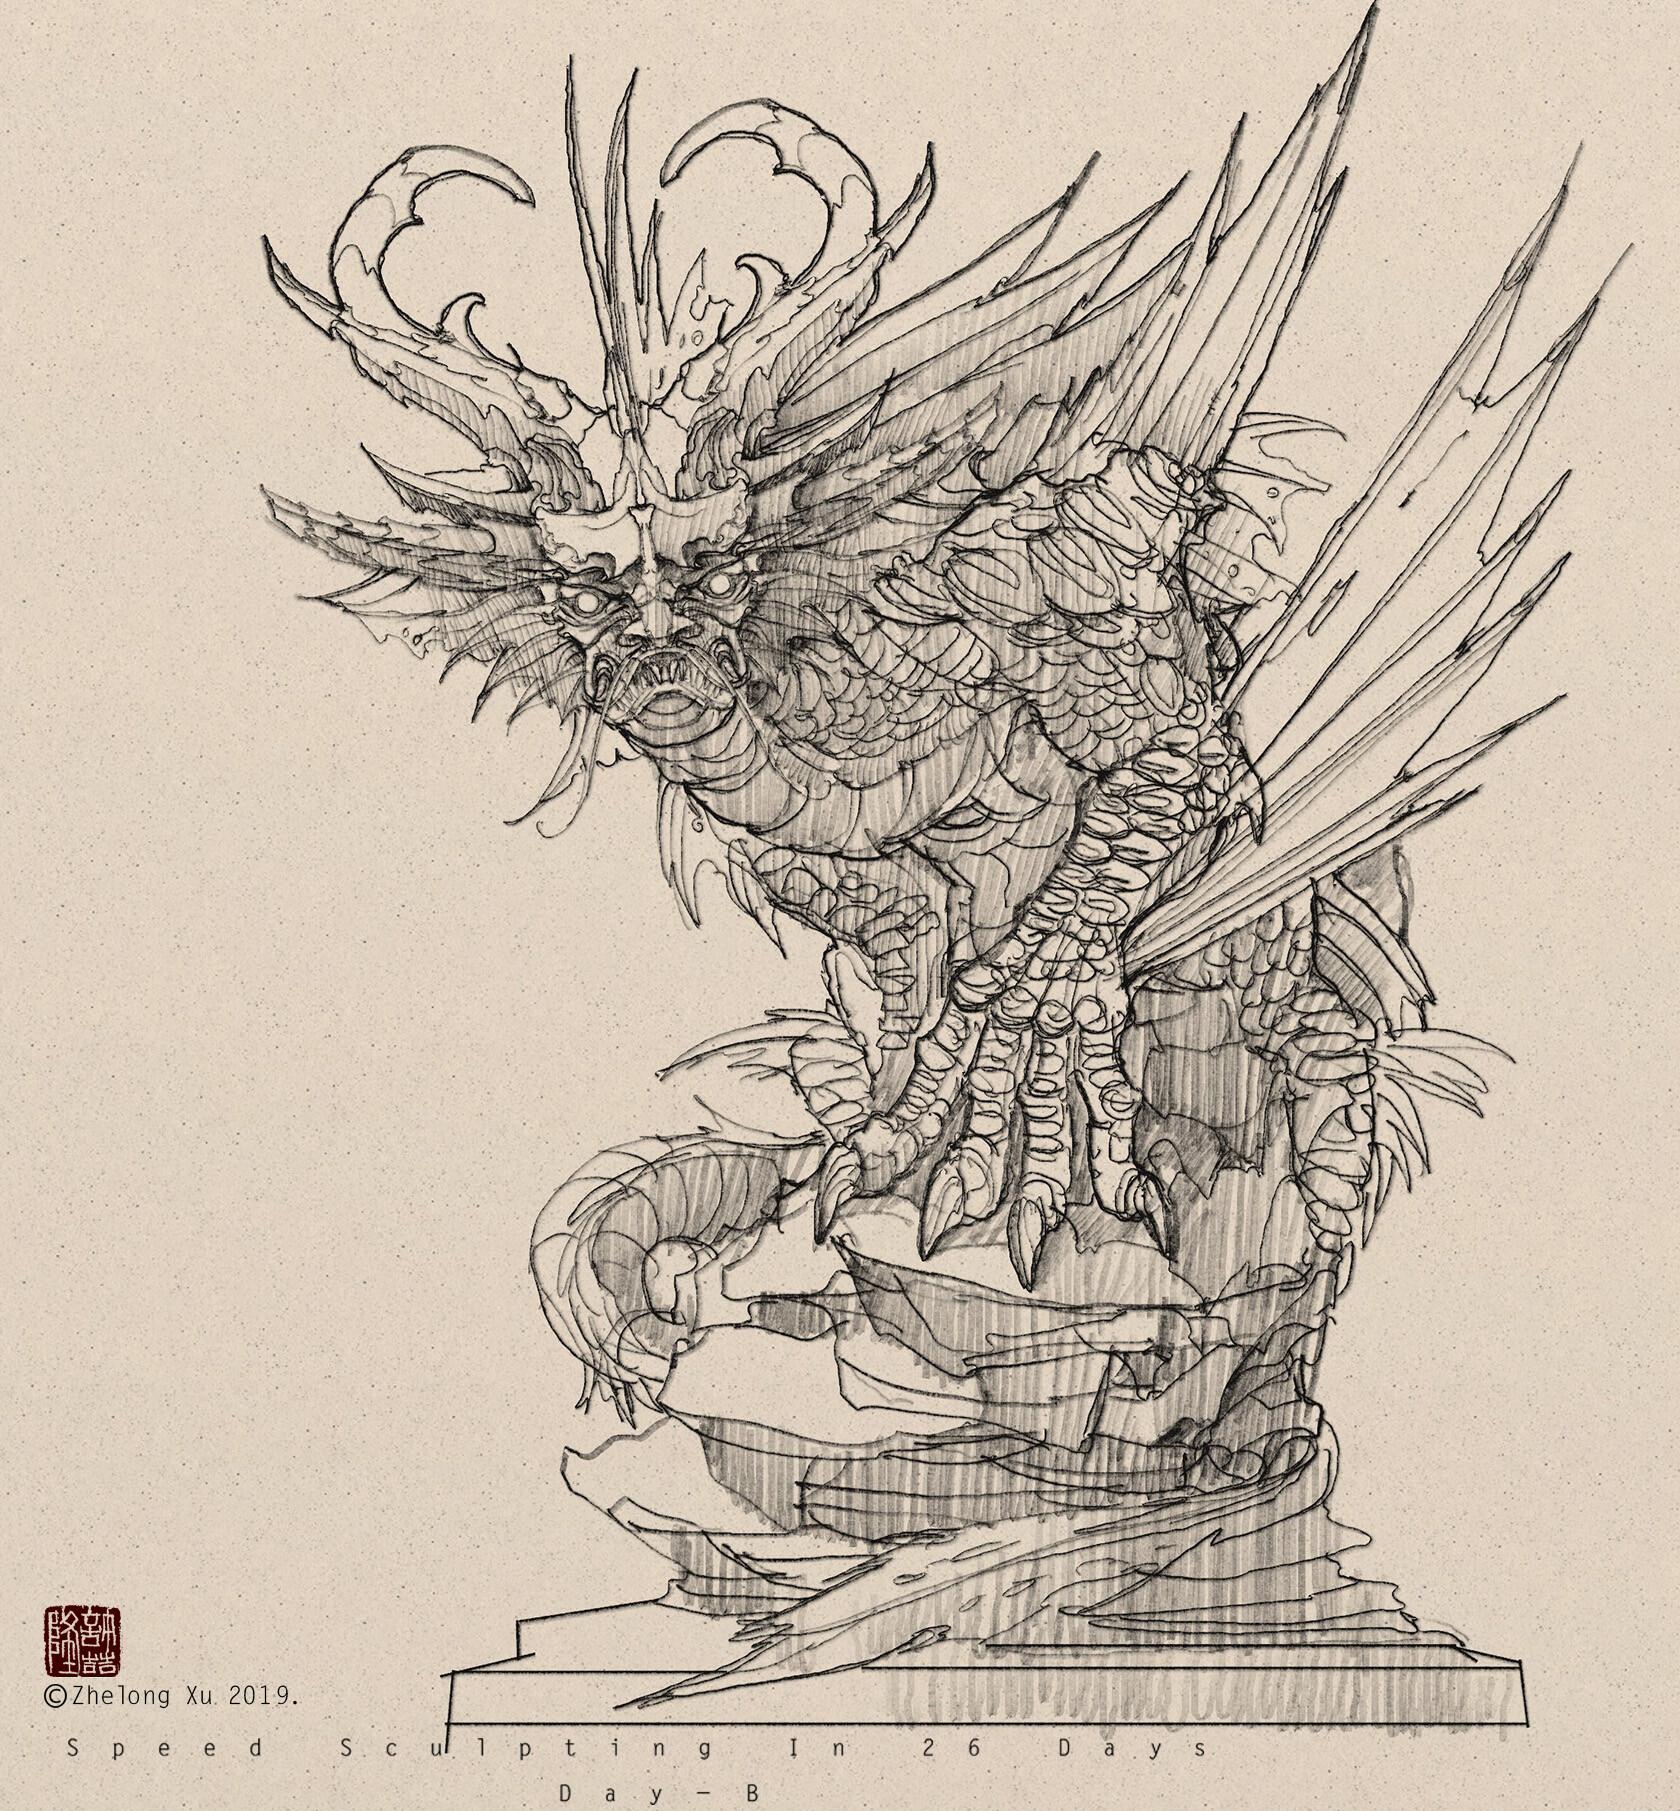 Zhelong xu sketch01